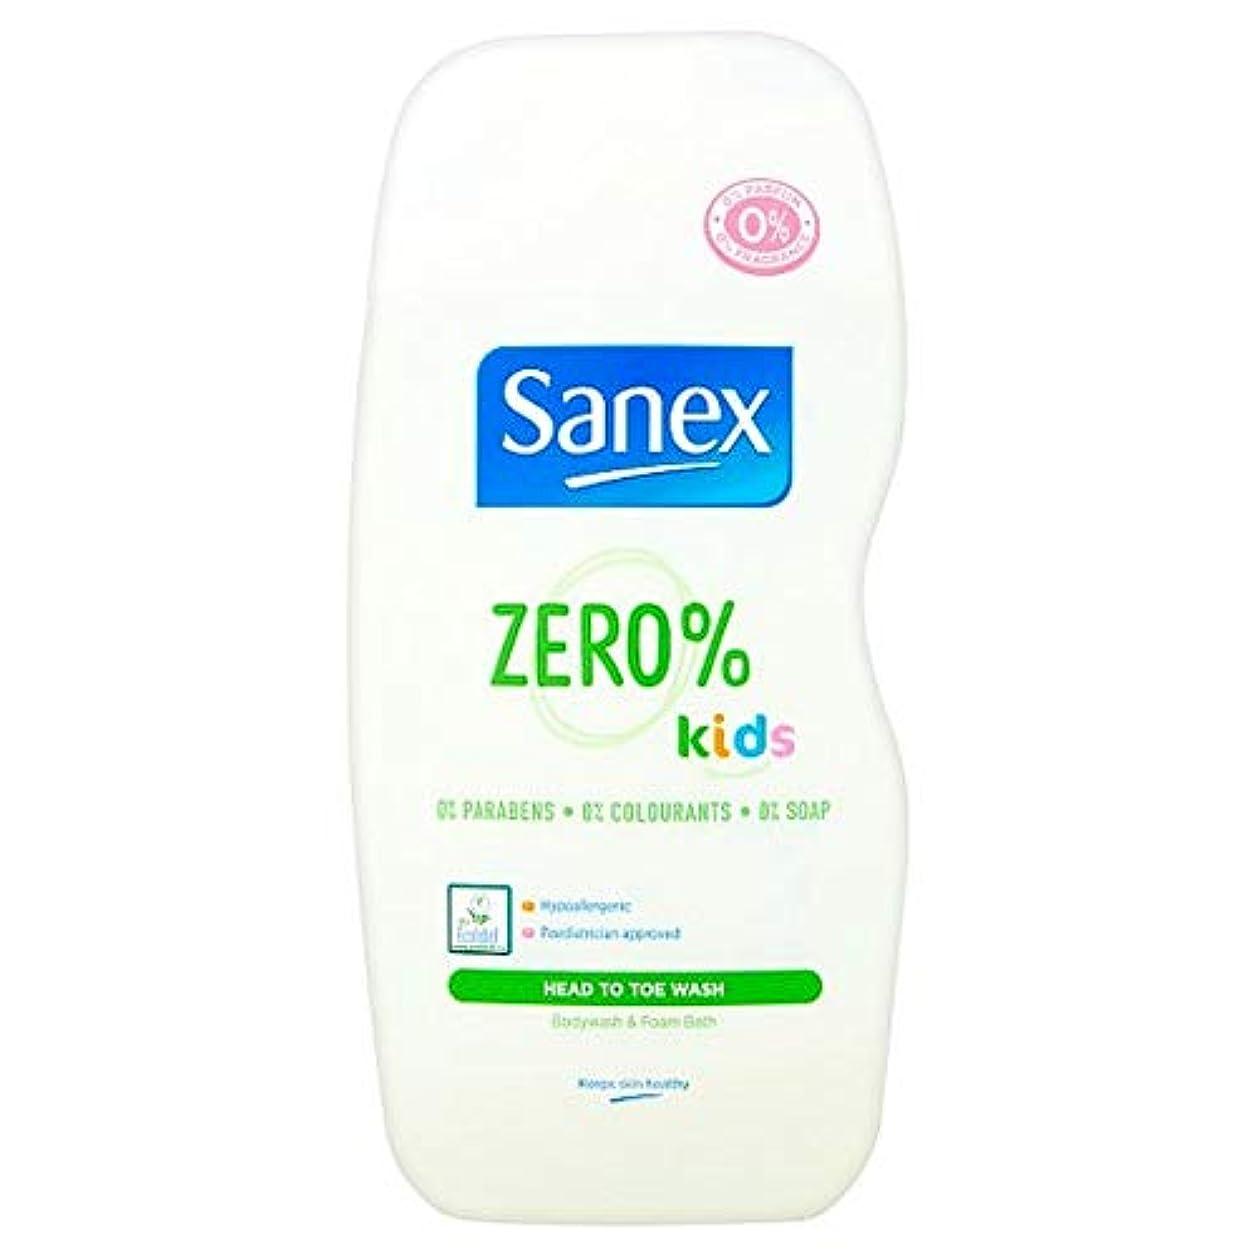 鳥組み合わせるシガレット[Sanex] Sanexゼロ%キッズボディウォッシュとFoambath 500ミリリットル - Sanex Zero% Kids Body Wash And Foambath 500Ml [並行輸入品]